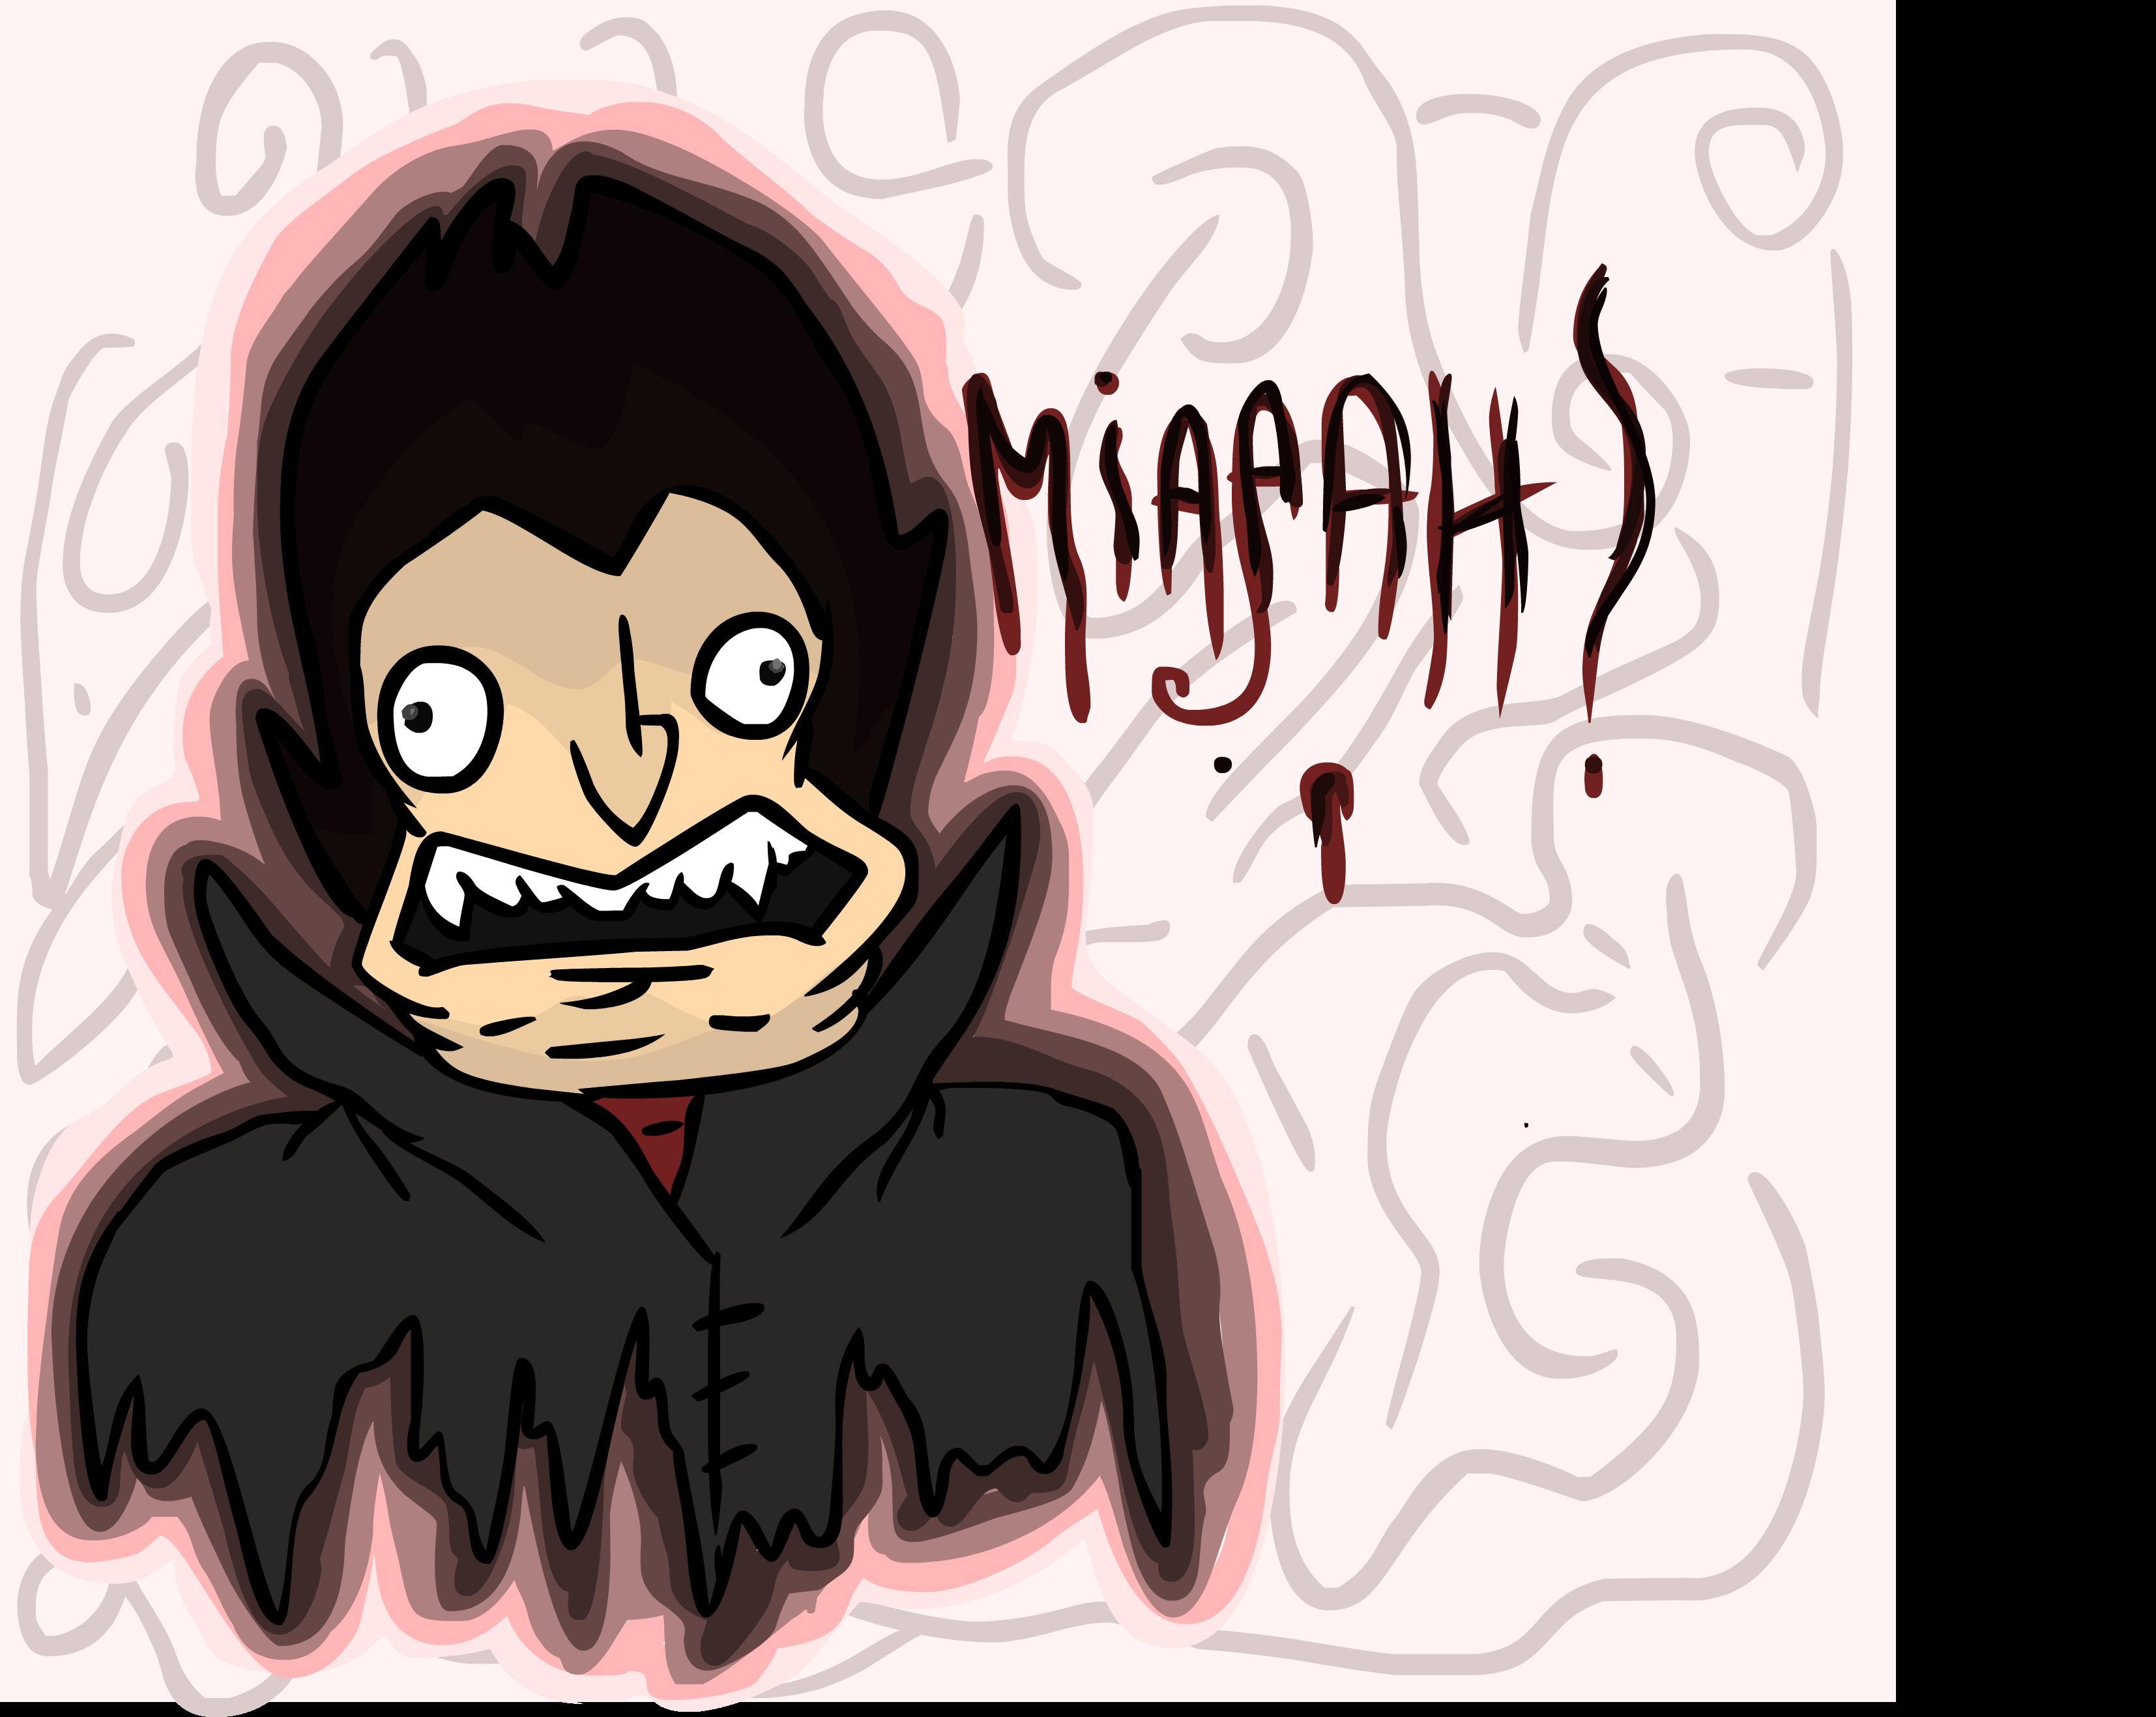 Vampire fella